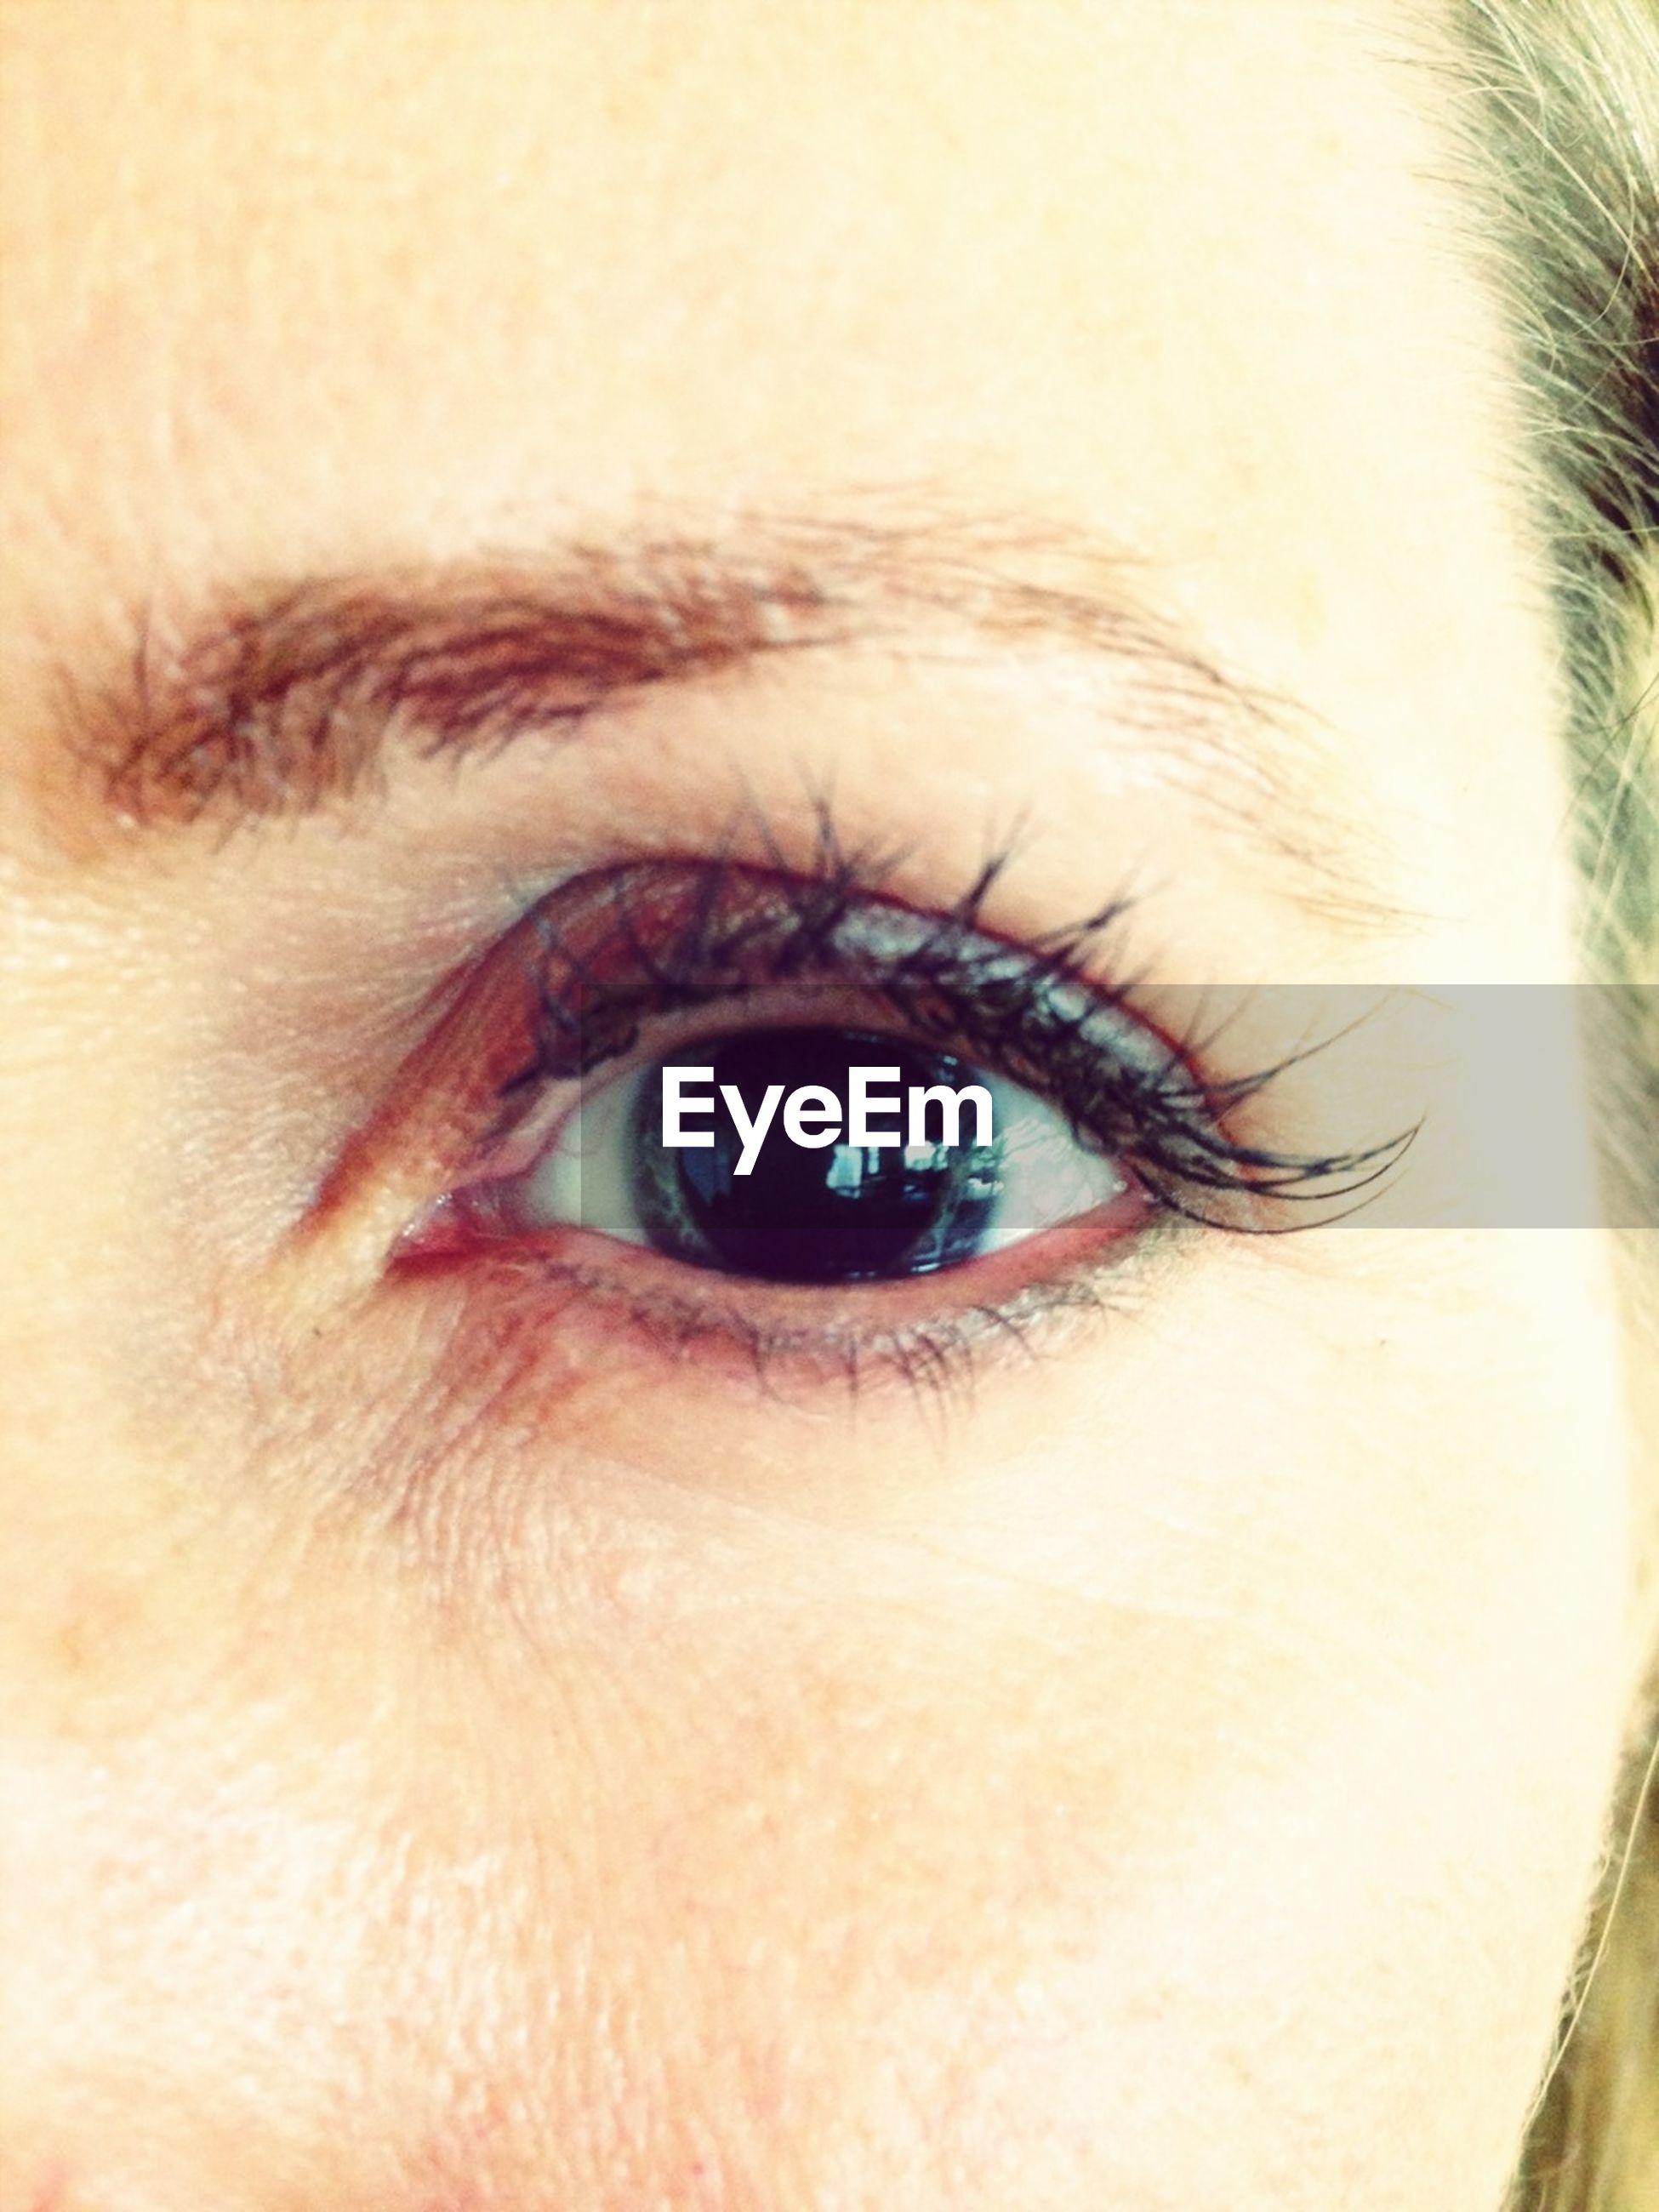 human eye, eyelash, close-up, eyesight, part of, looking at camera, human skin, sensory perception, portrait, human face, iris - eye, extreme close-up, eyeball, extreme close up, eyebrow, lifestyles, headshot